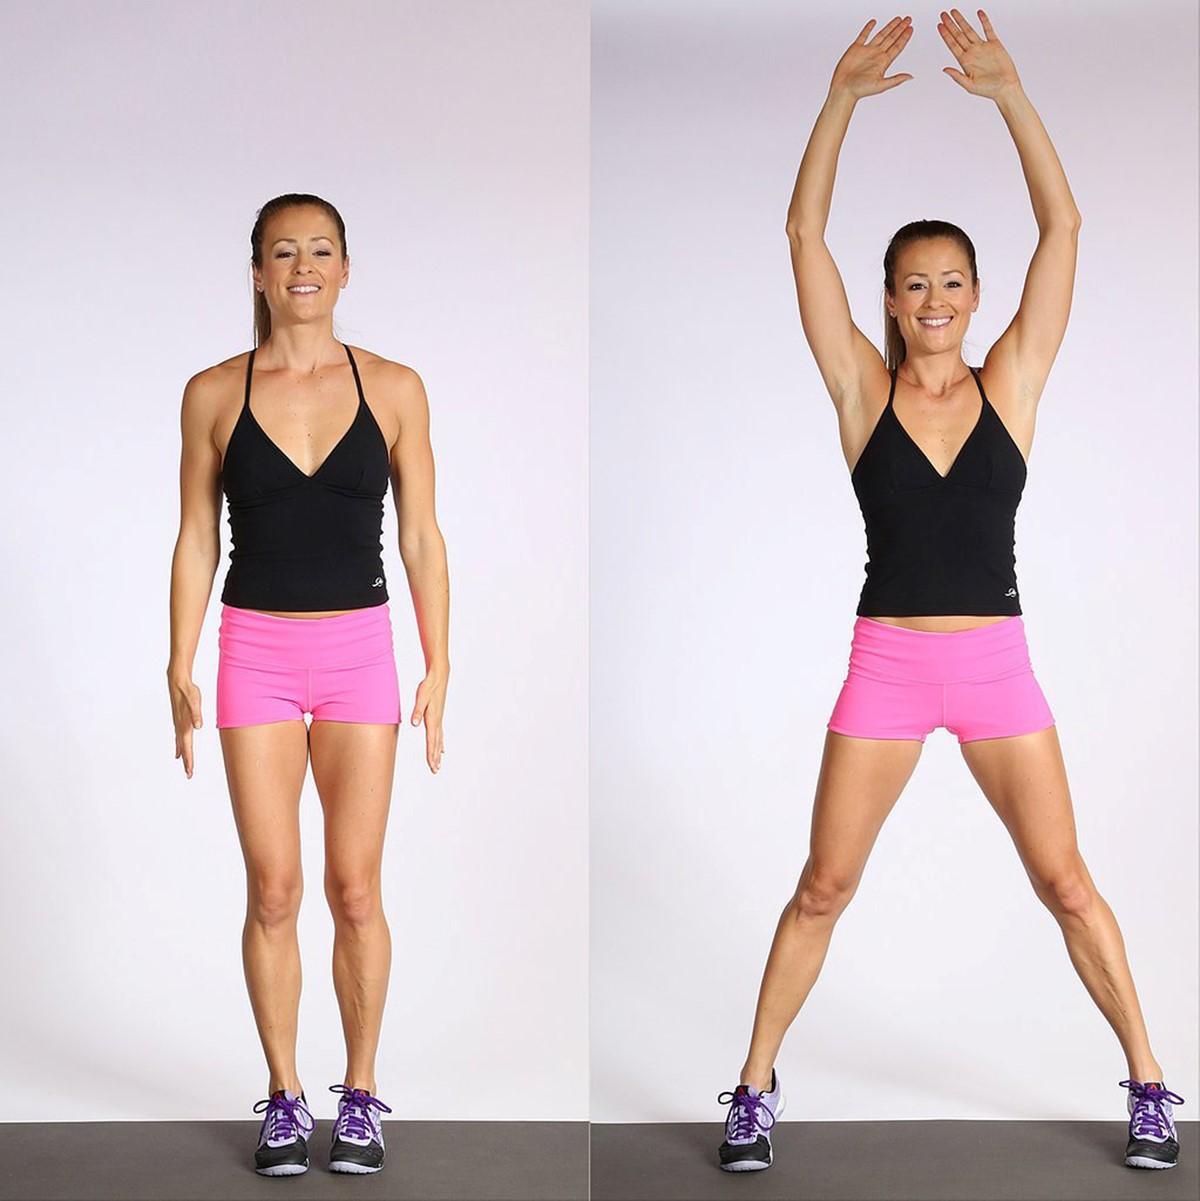 Упражнения важны для поддержания хорошей физической формы